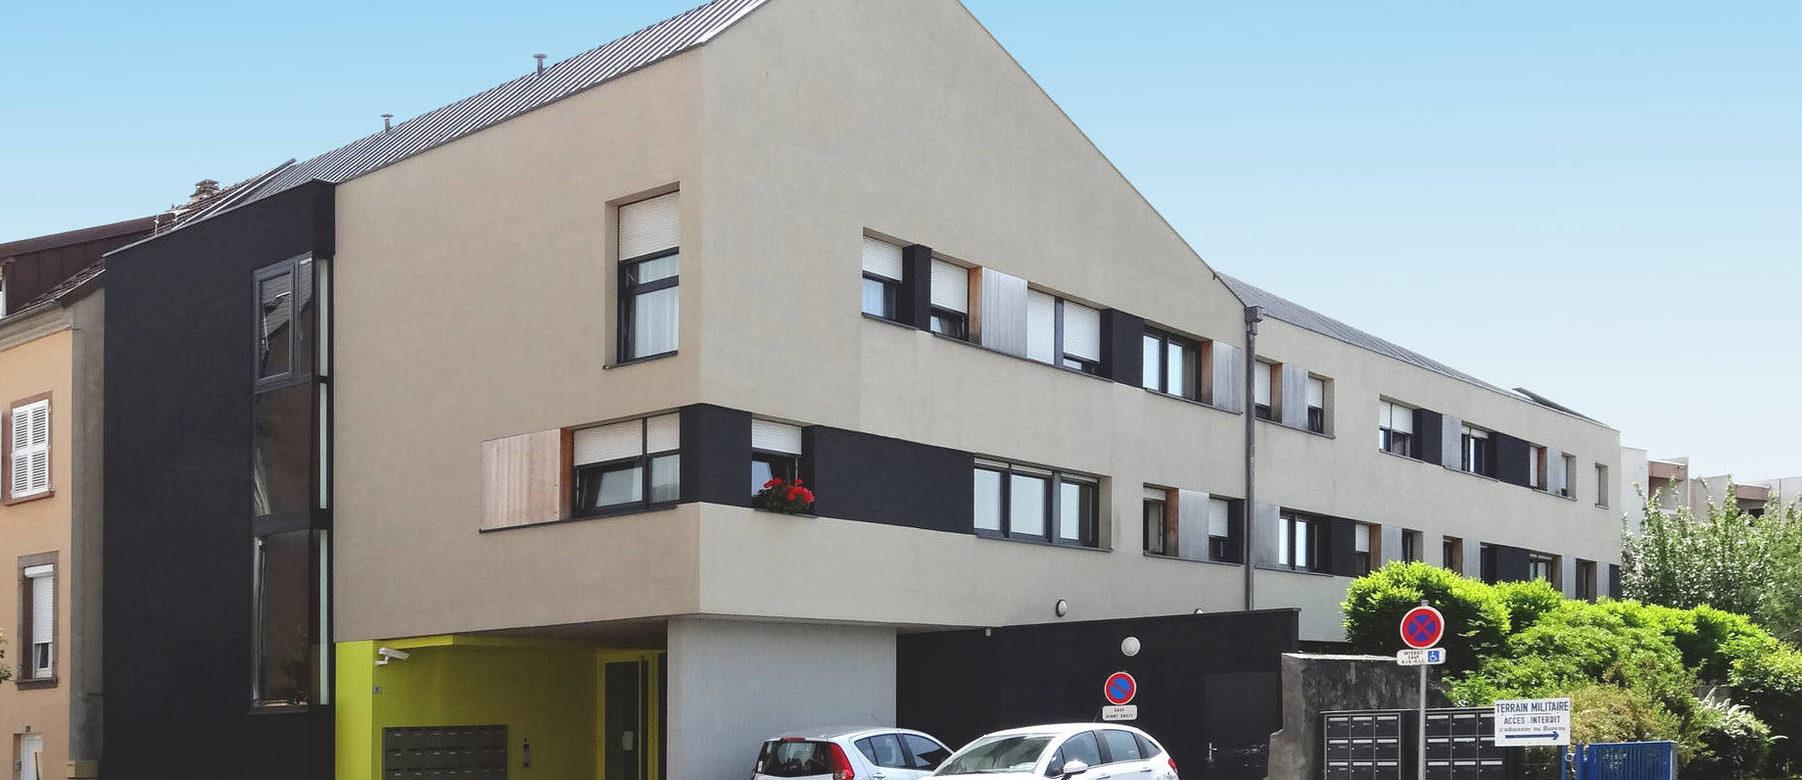 Maison Relais à Sarrebourg